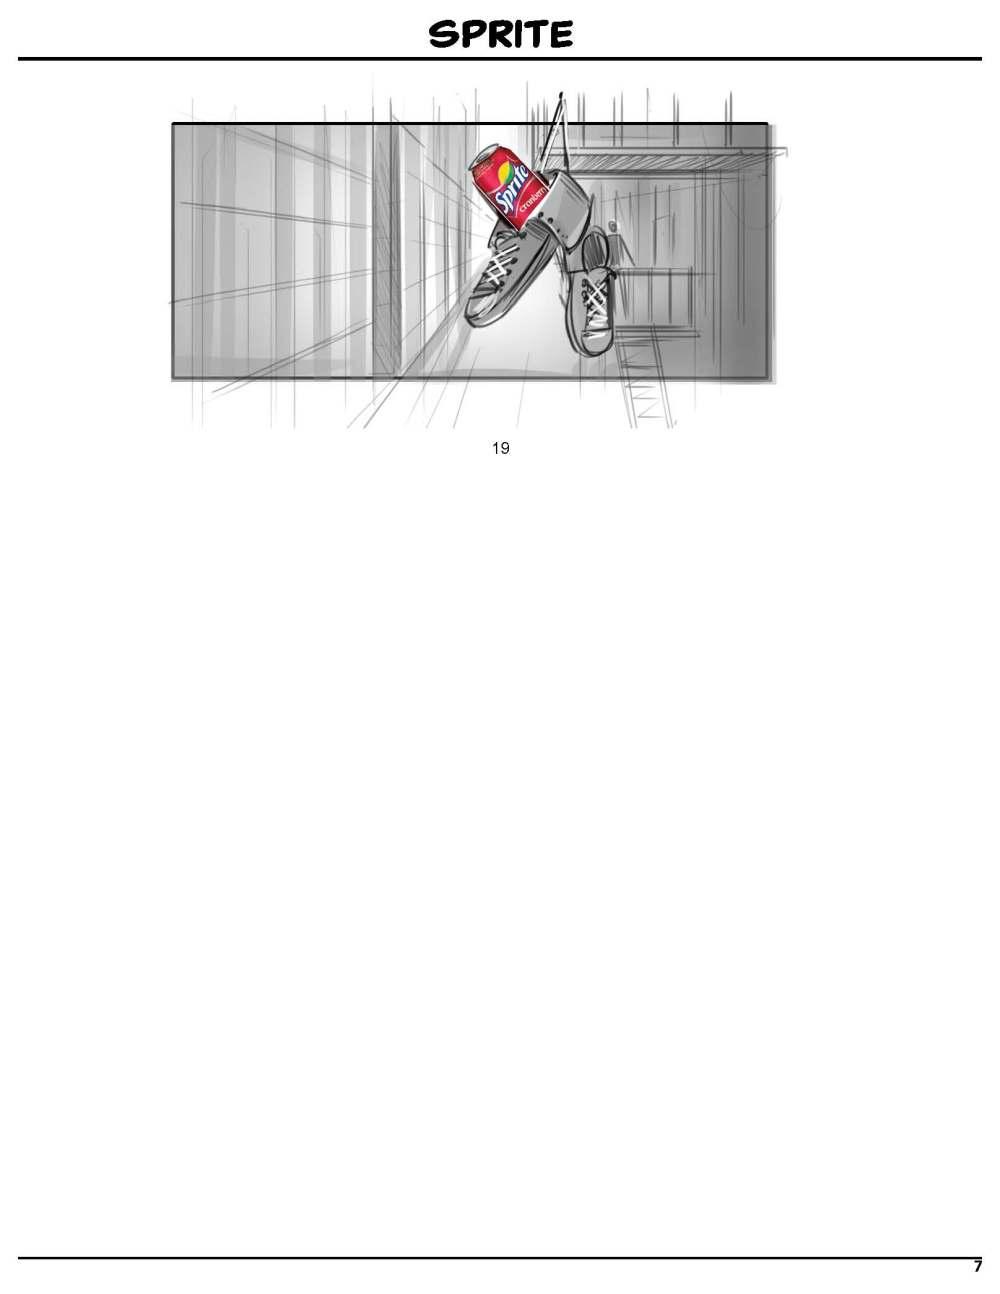 sprite_v01_page_7